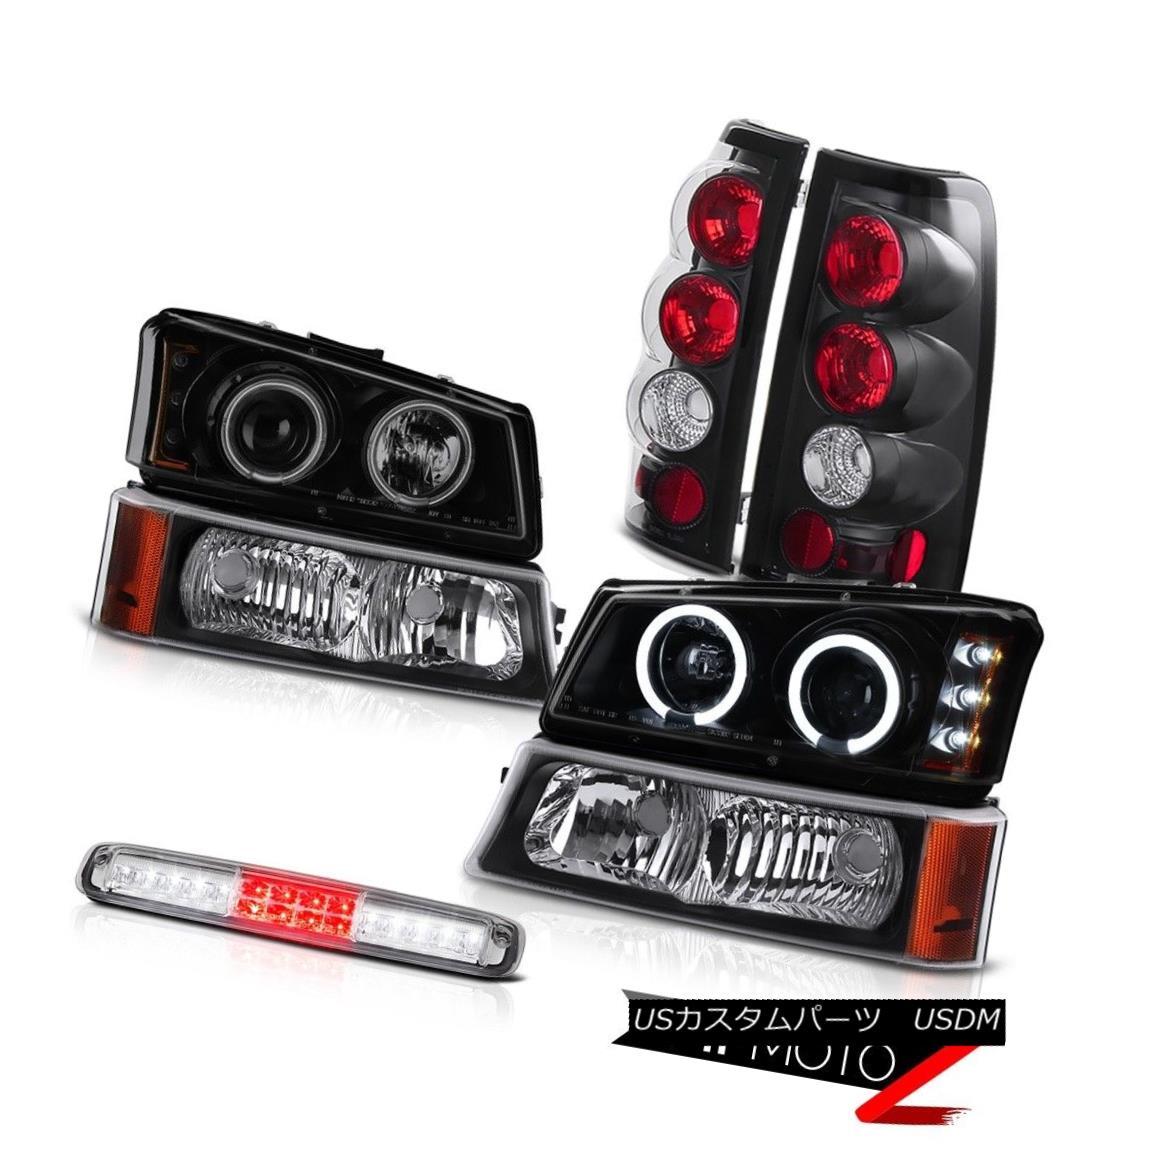 テールライト 03 04 05 06 Silverado Parking Lamp Euro Chrome 3RD Brake Headlights Tail Lamps 03 04 05 06 SilveradoパーキングランプEuro Chrome 3RDブレーキヘッドライトテールランプ